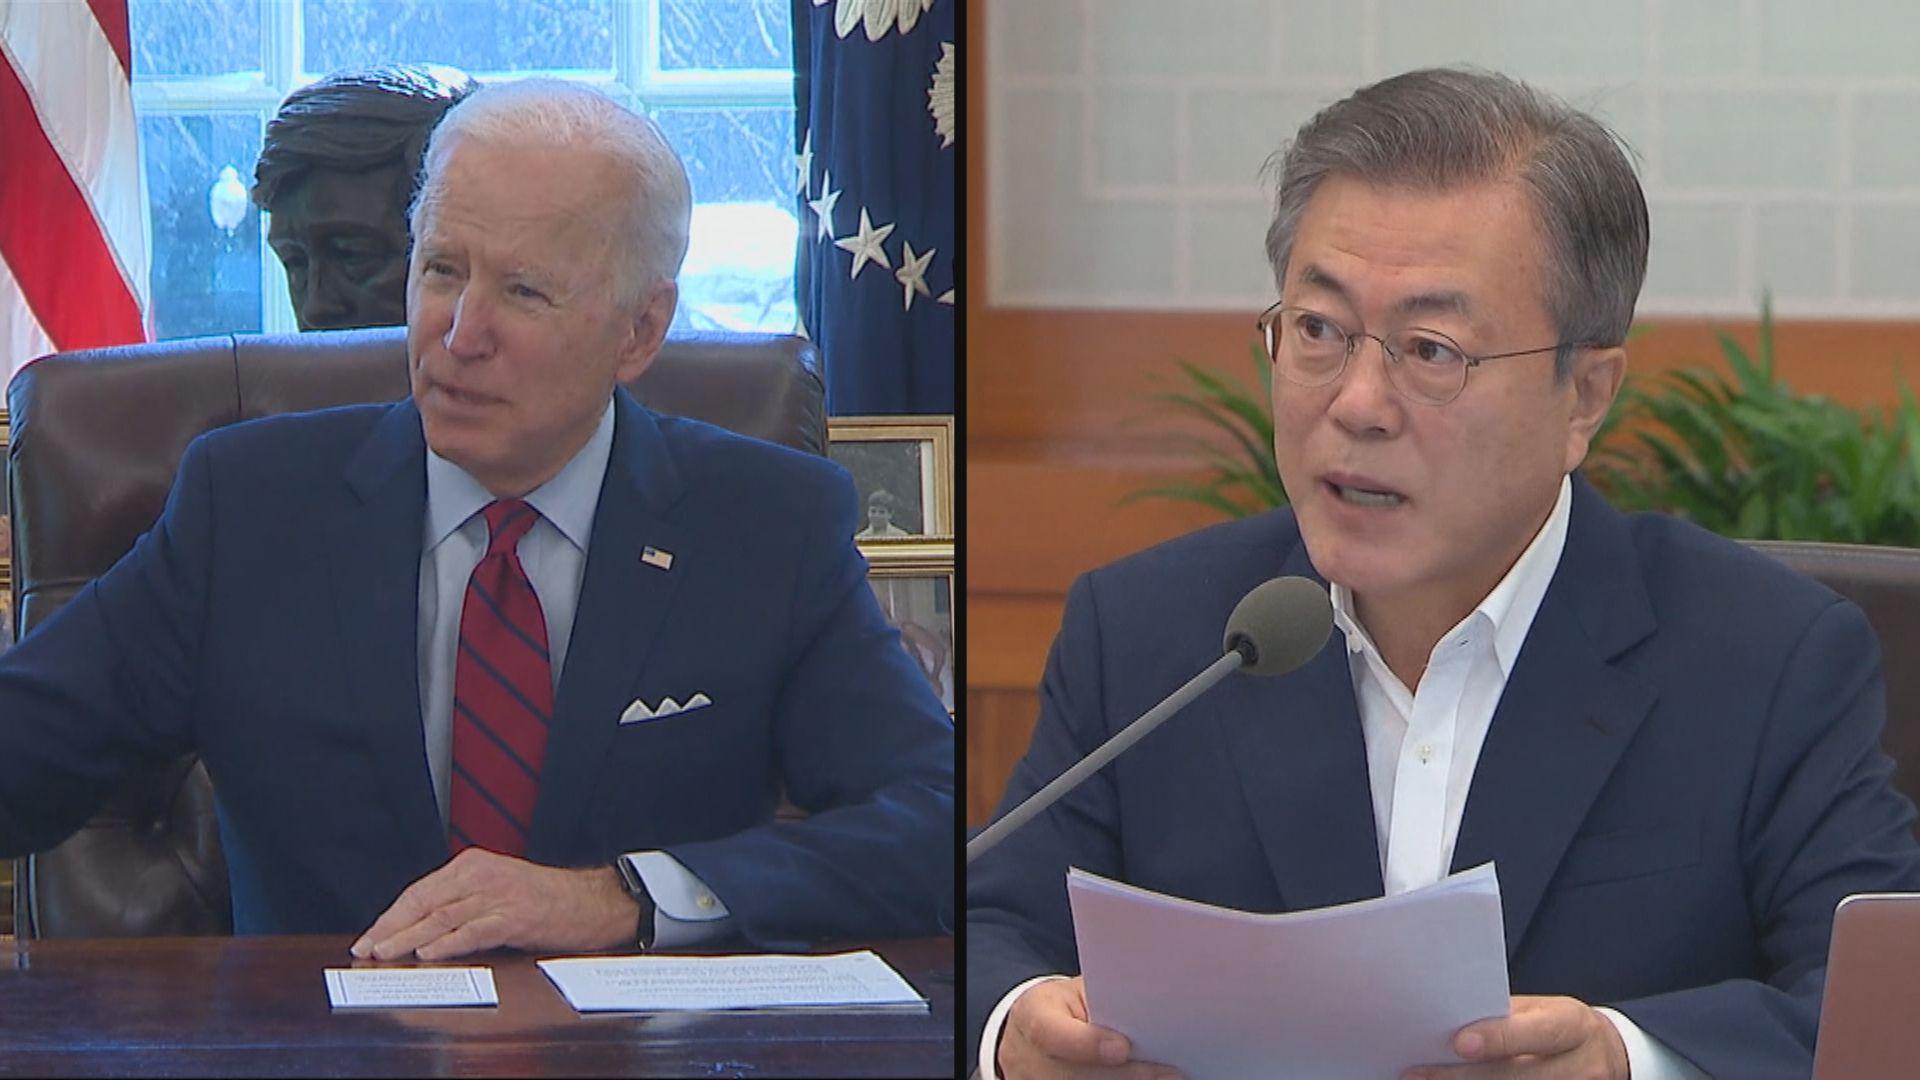 據報韓美正協調文在寅與拜登會晤